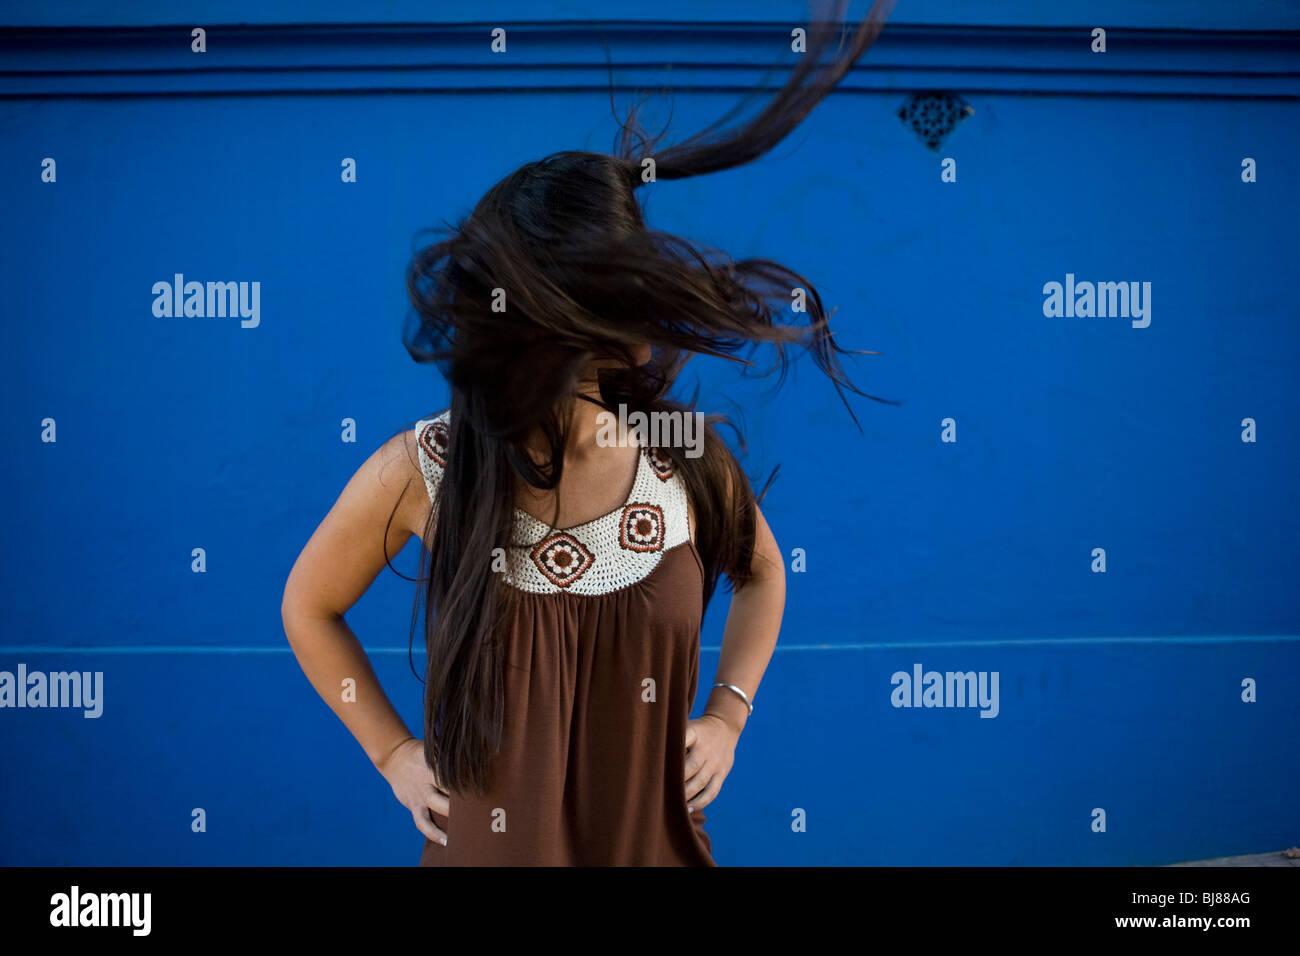 Donna con wild, lungo, scuro, diritto, i capelli al vento Immagini Stock